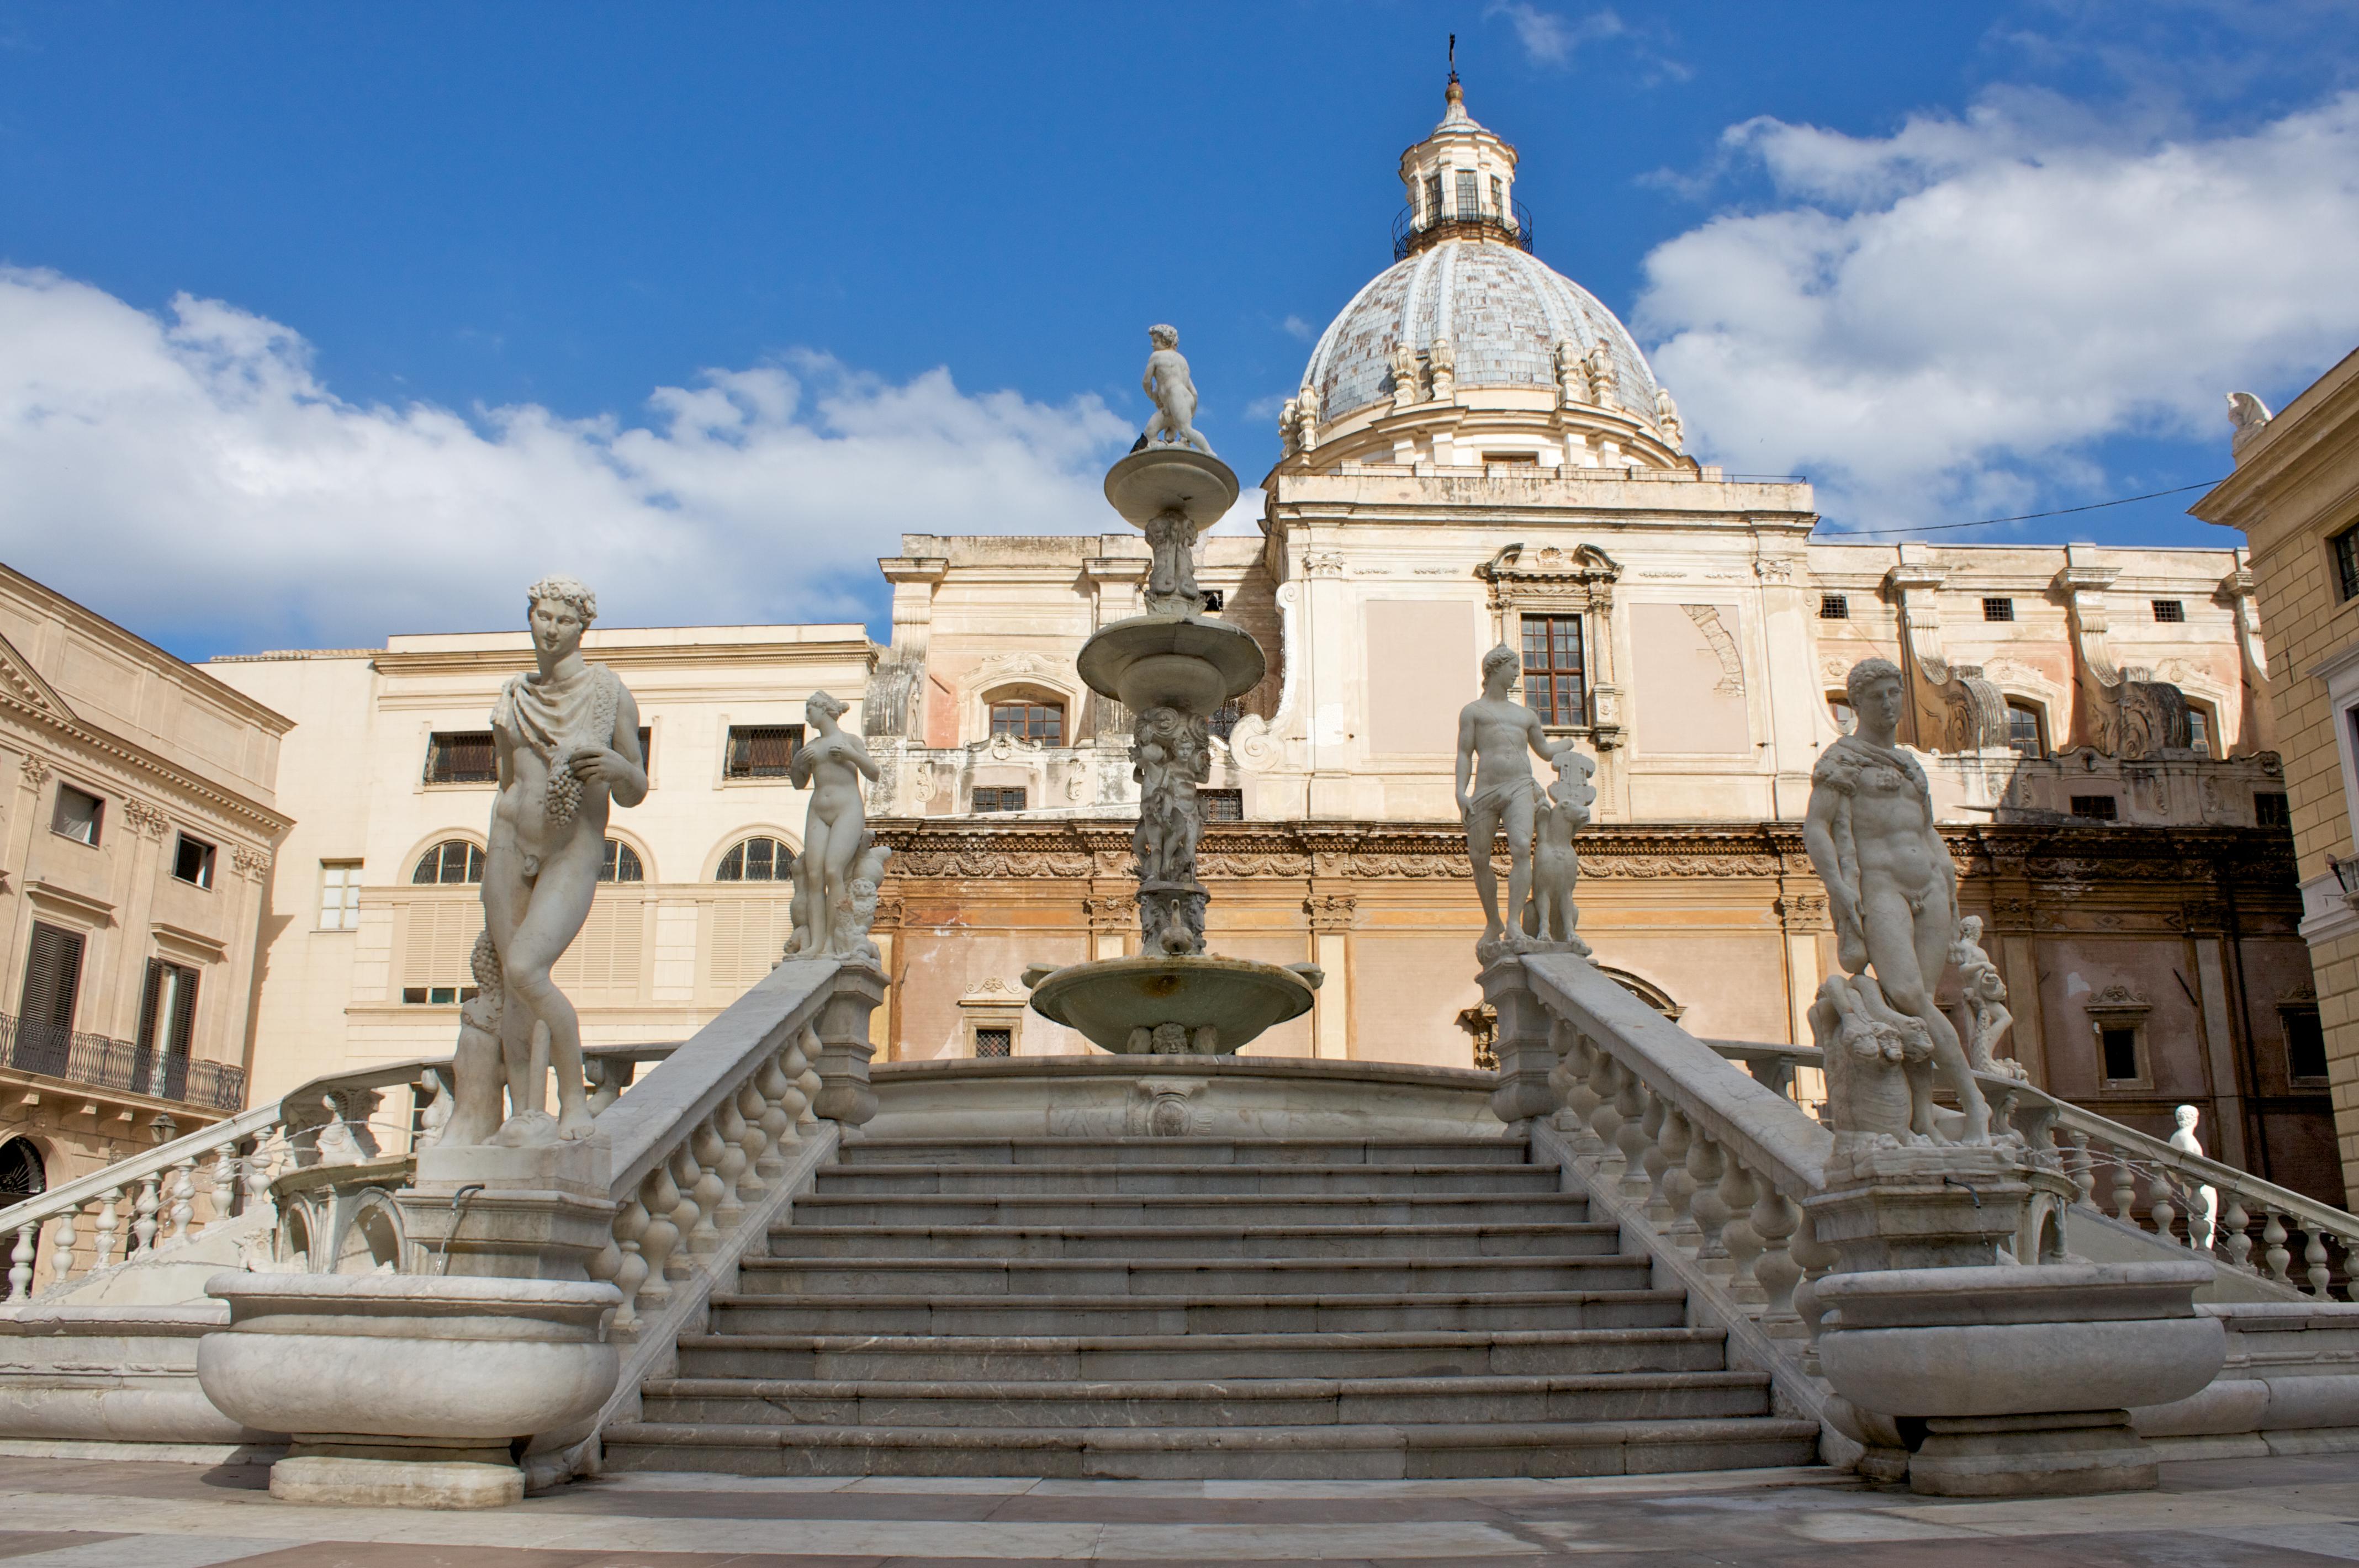 Fontana pretoria photo